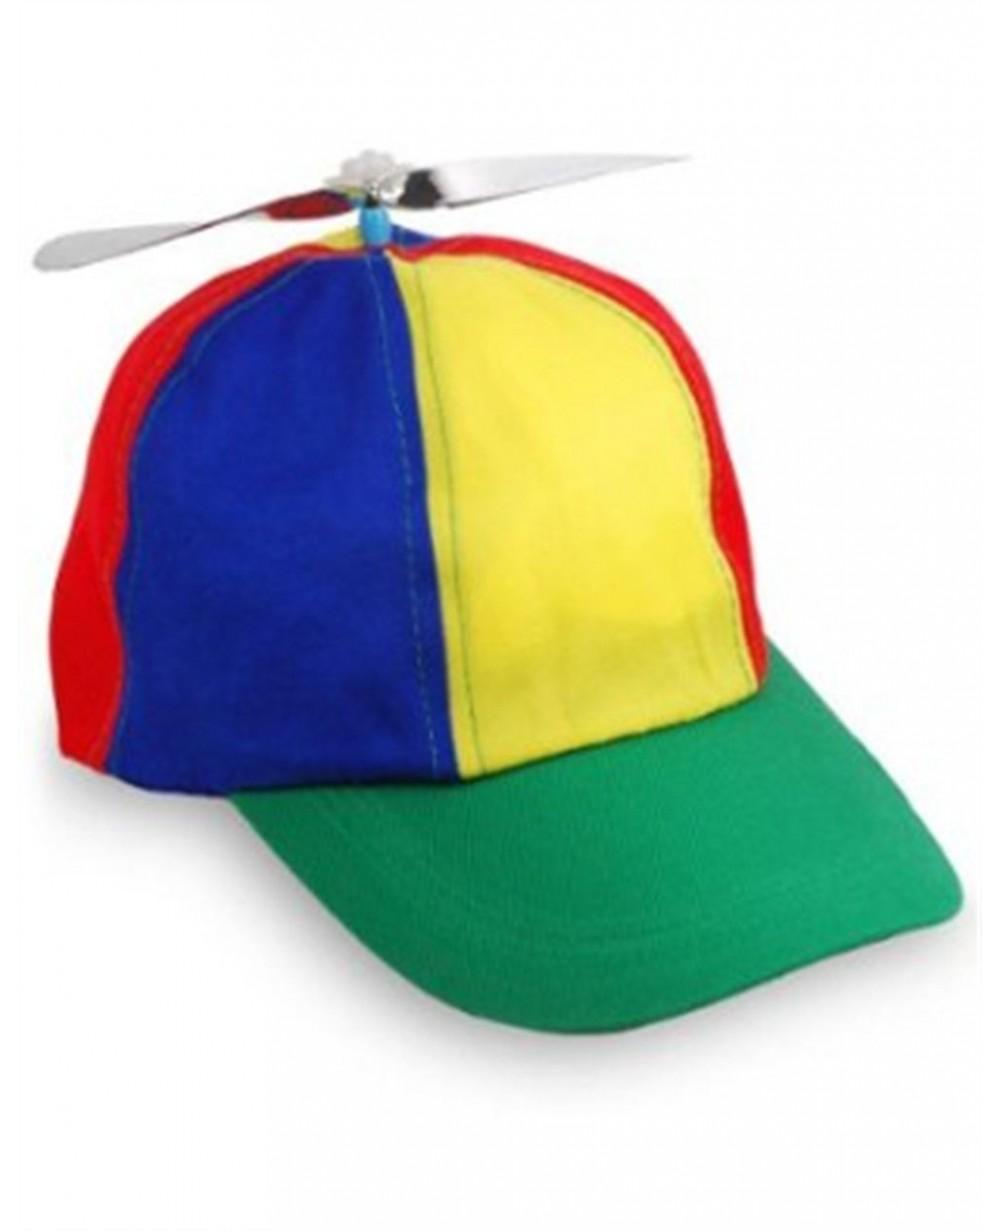 754ebde25 Multi-Color Propeller Cap